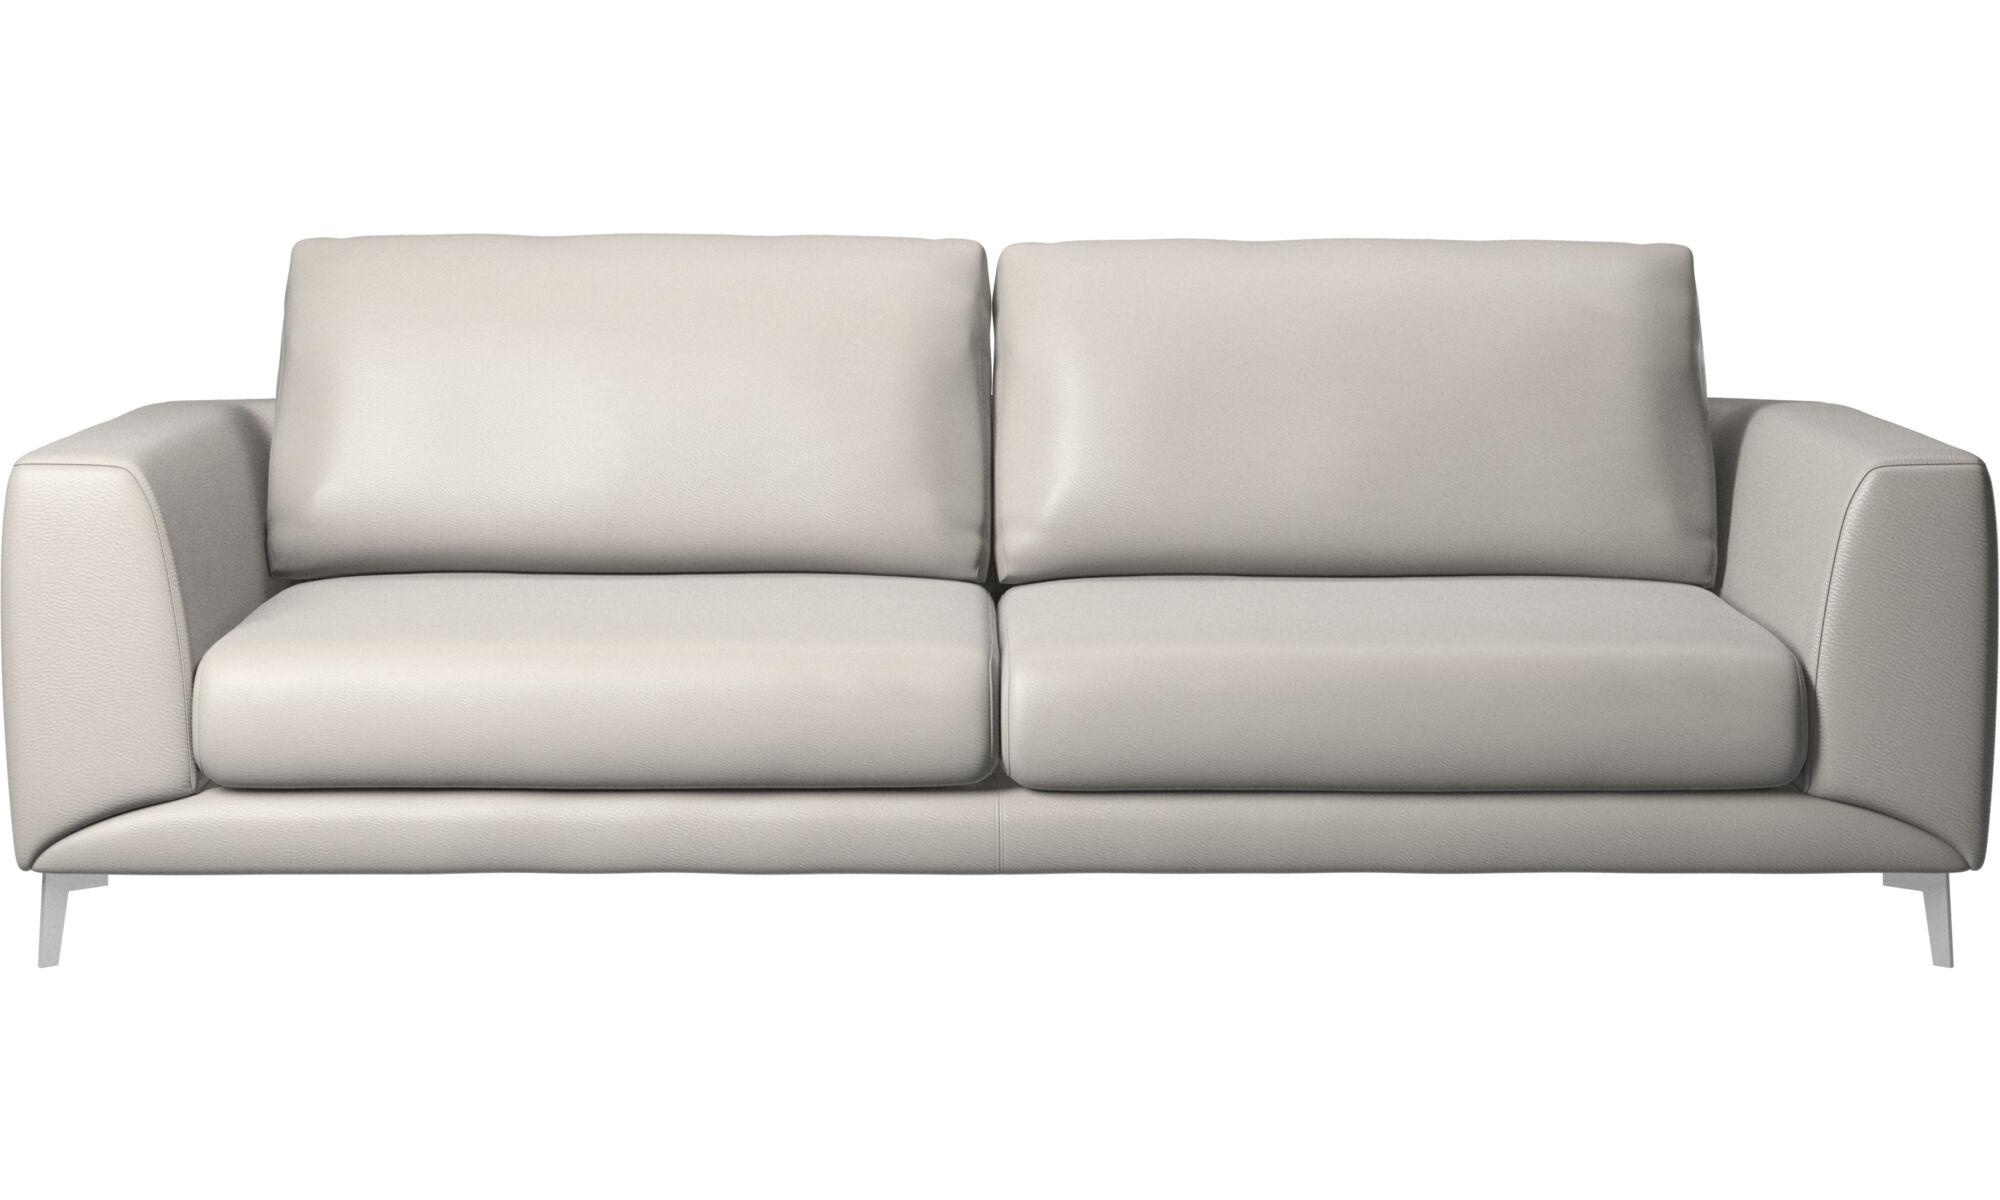 3 Seater Sofas   Fargo Sofa   Grey   Leather